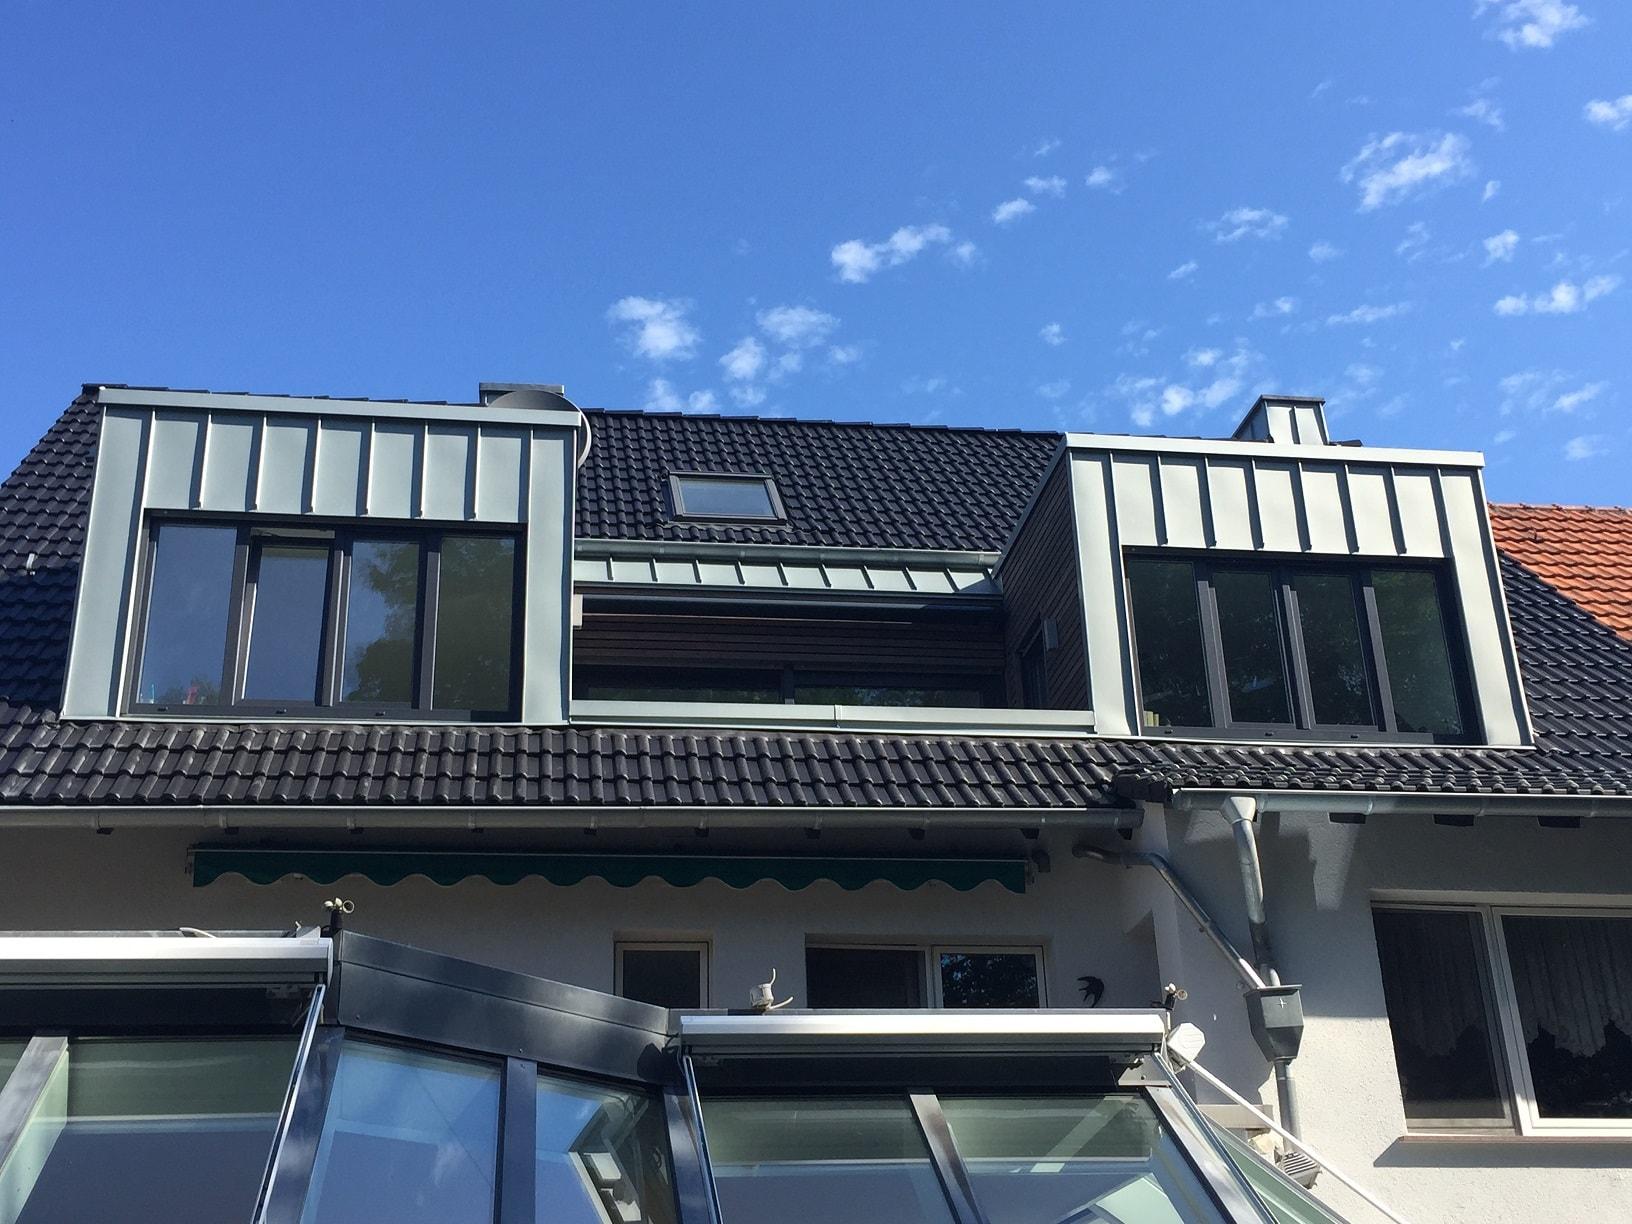 Dachtechnik Winkel in Bochum